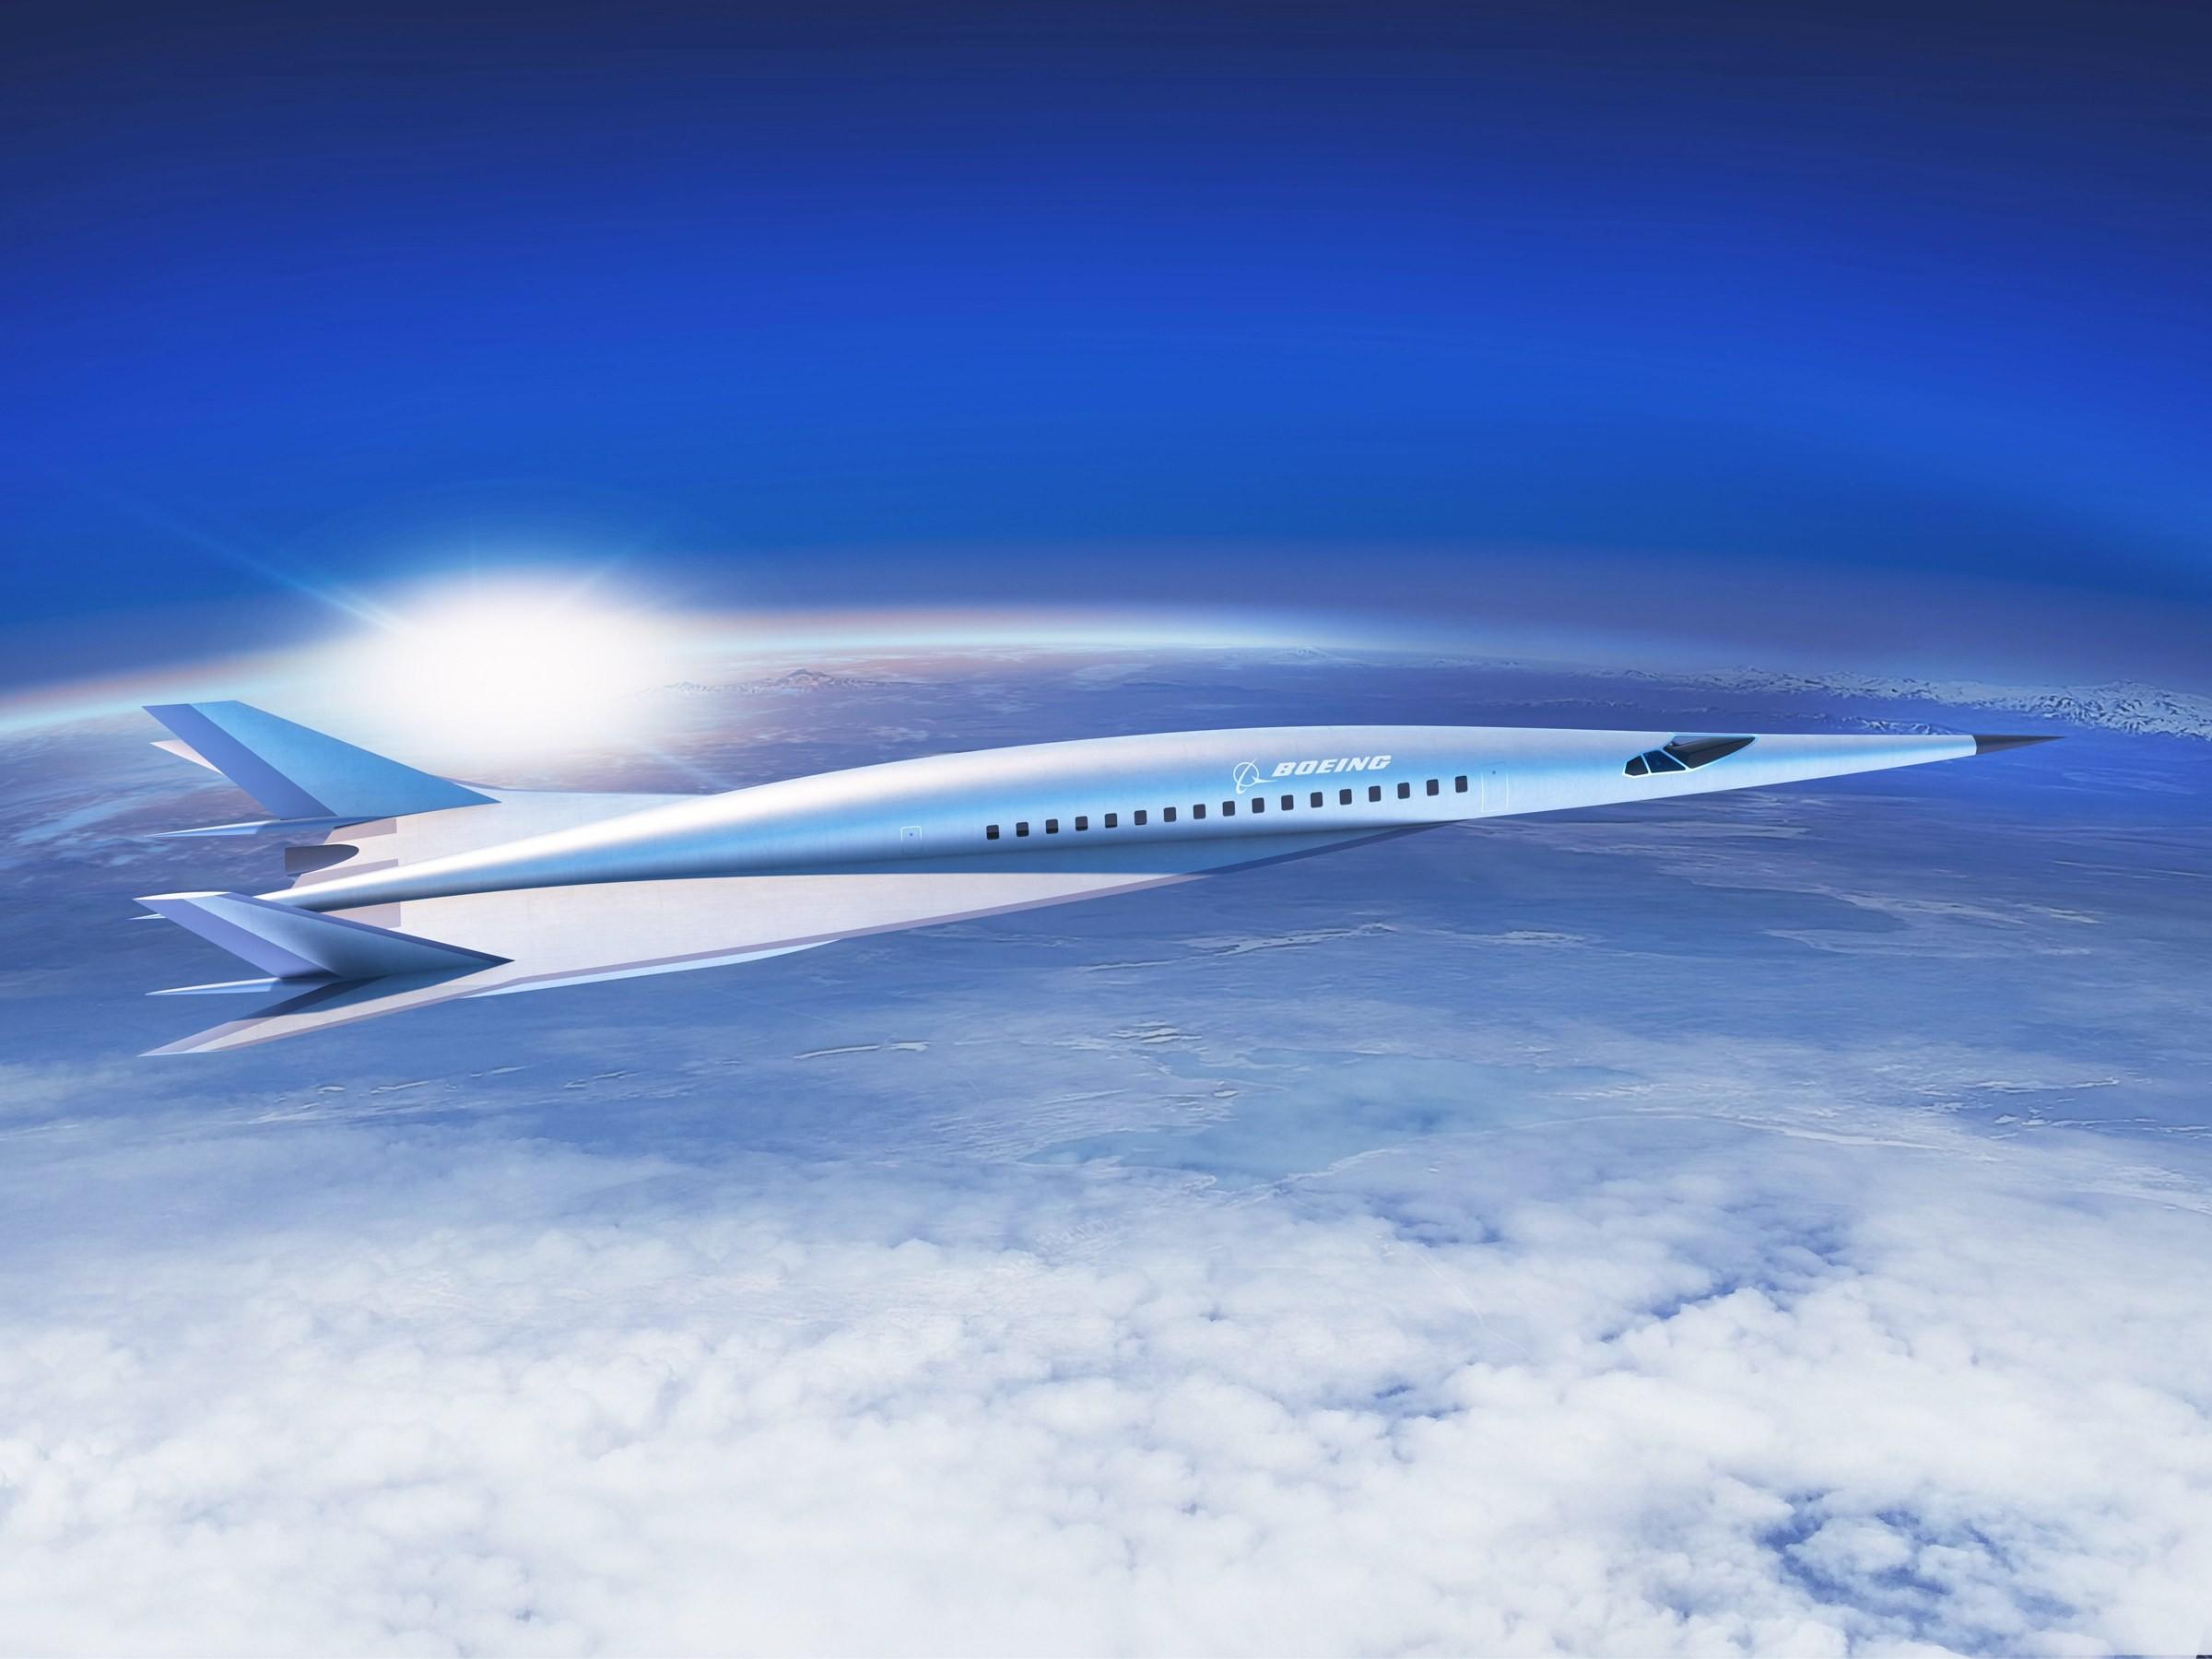 Ilustração de modelo supersônico fabricado pela Boeing (Foto: Divulgação)